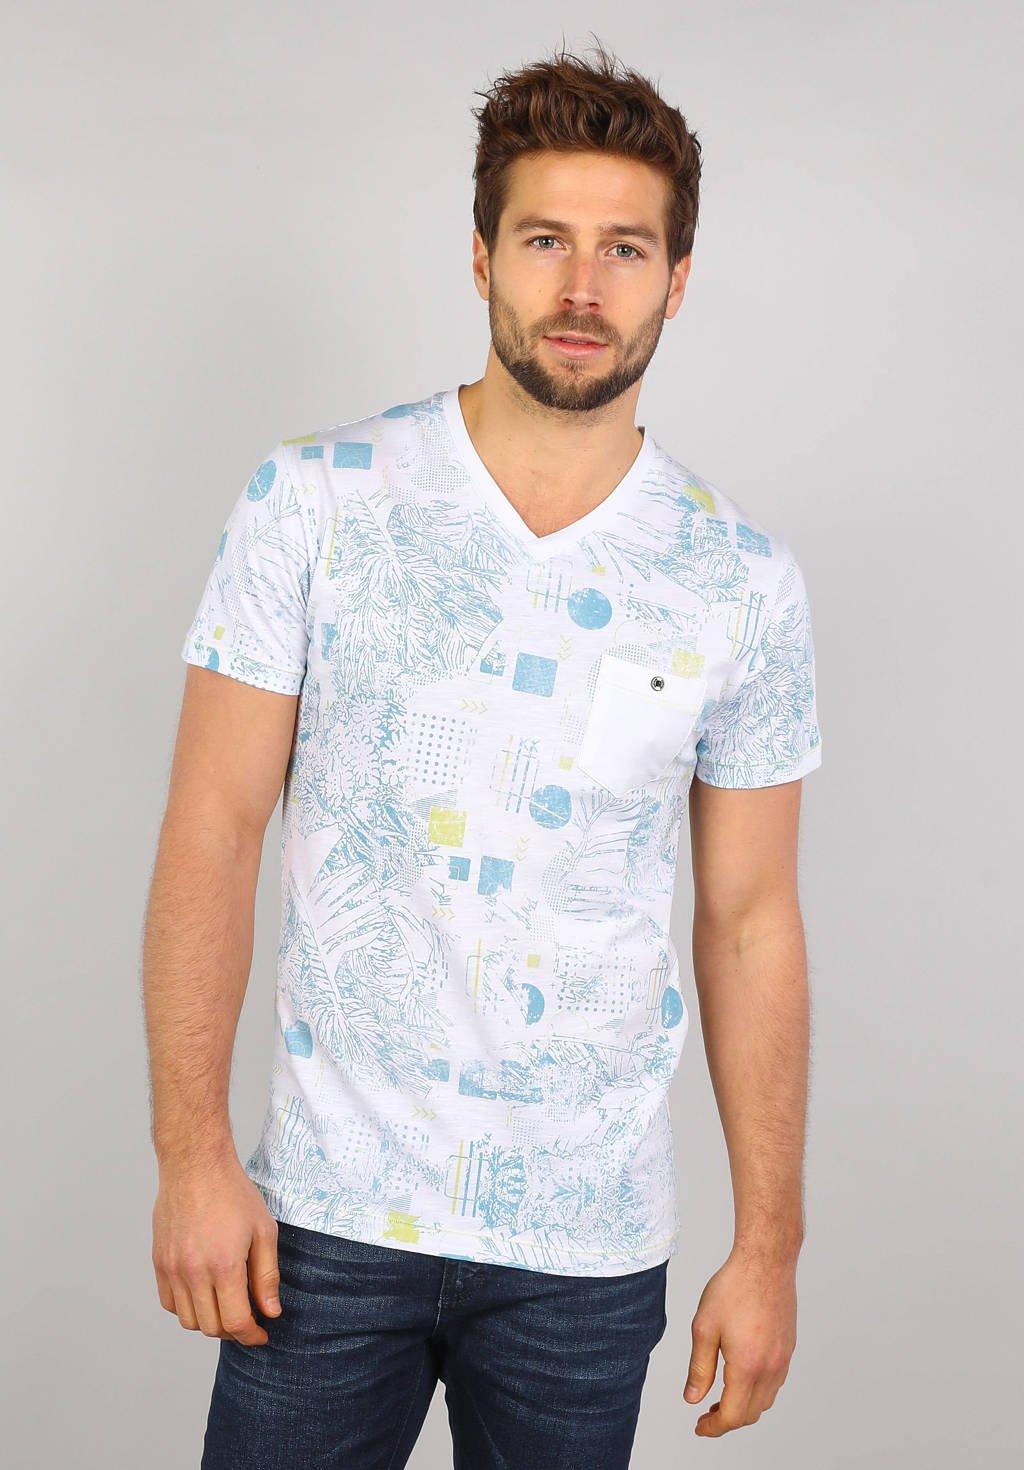 GABBIANO T-shirt met all over print lichtblauw/wit, Lichtblauw/wit